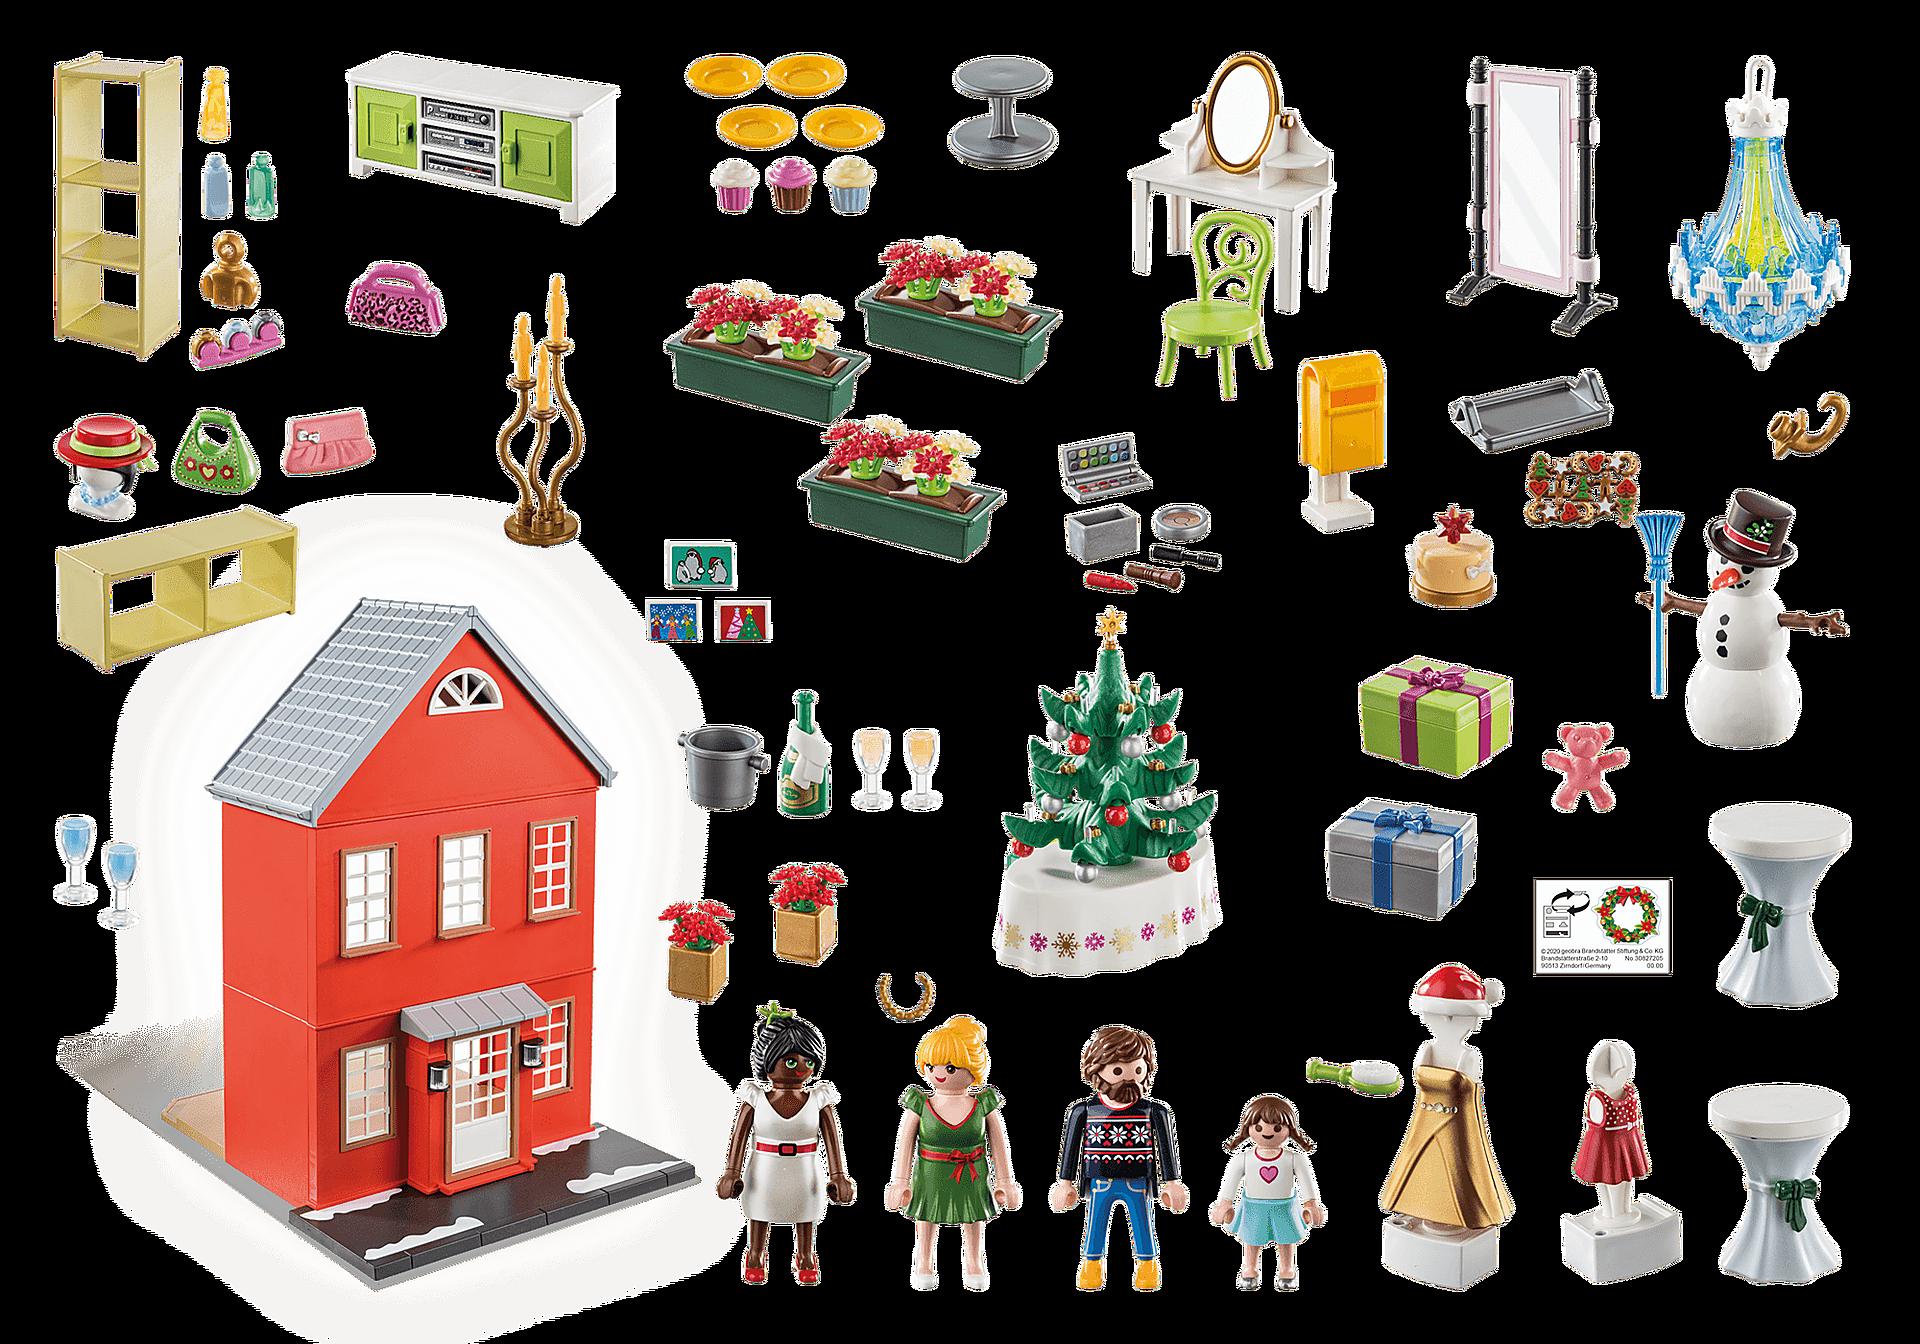 70383 Calendrier de l'Avent Père Noël dans la ville zoom image2